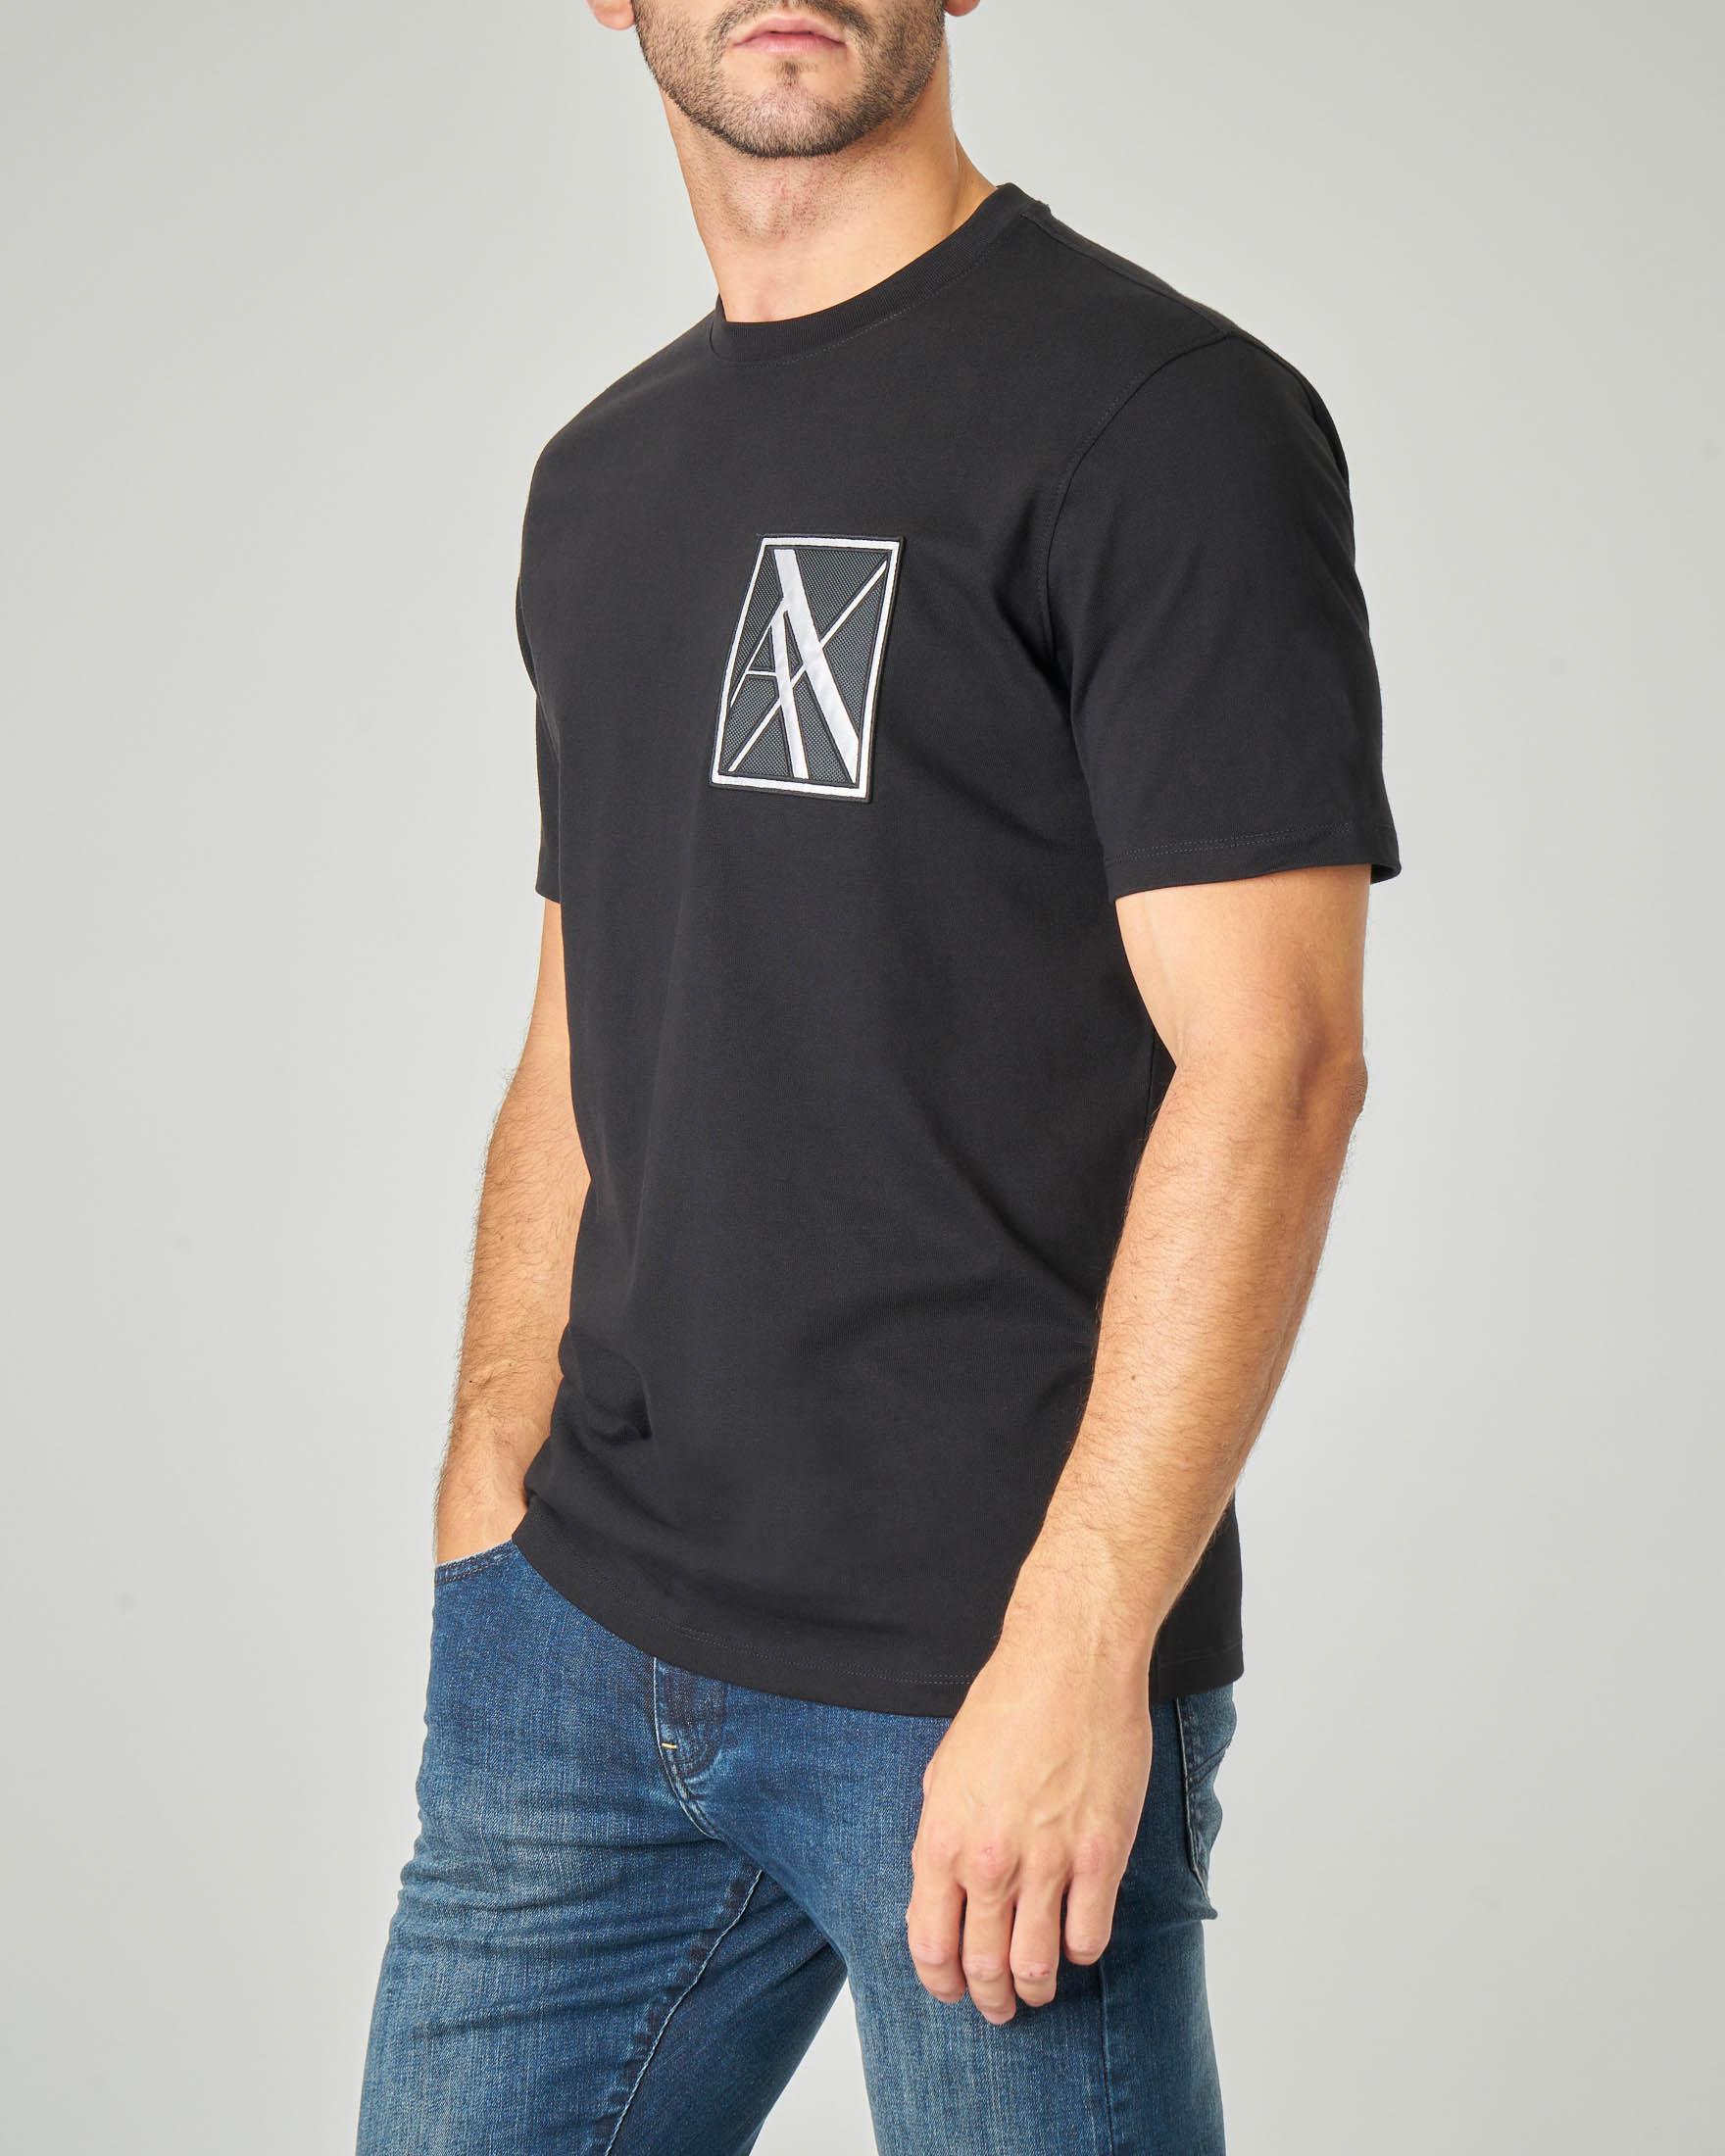 T-shirt mezza manica nera con logo patch sul petto e scritta sulla schiena